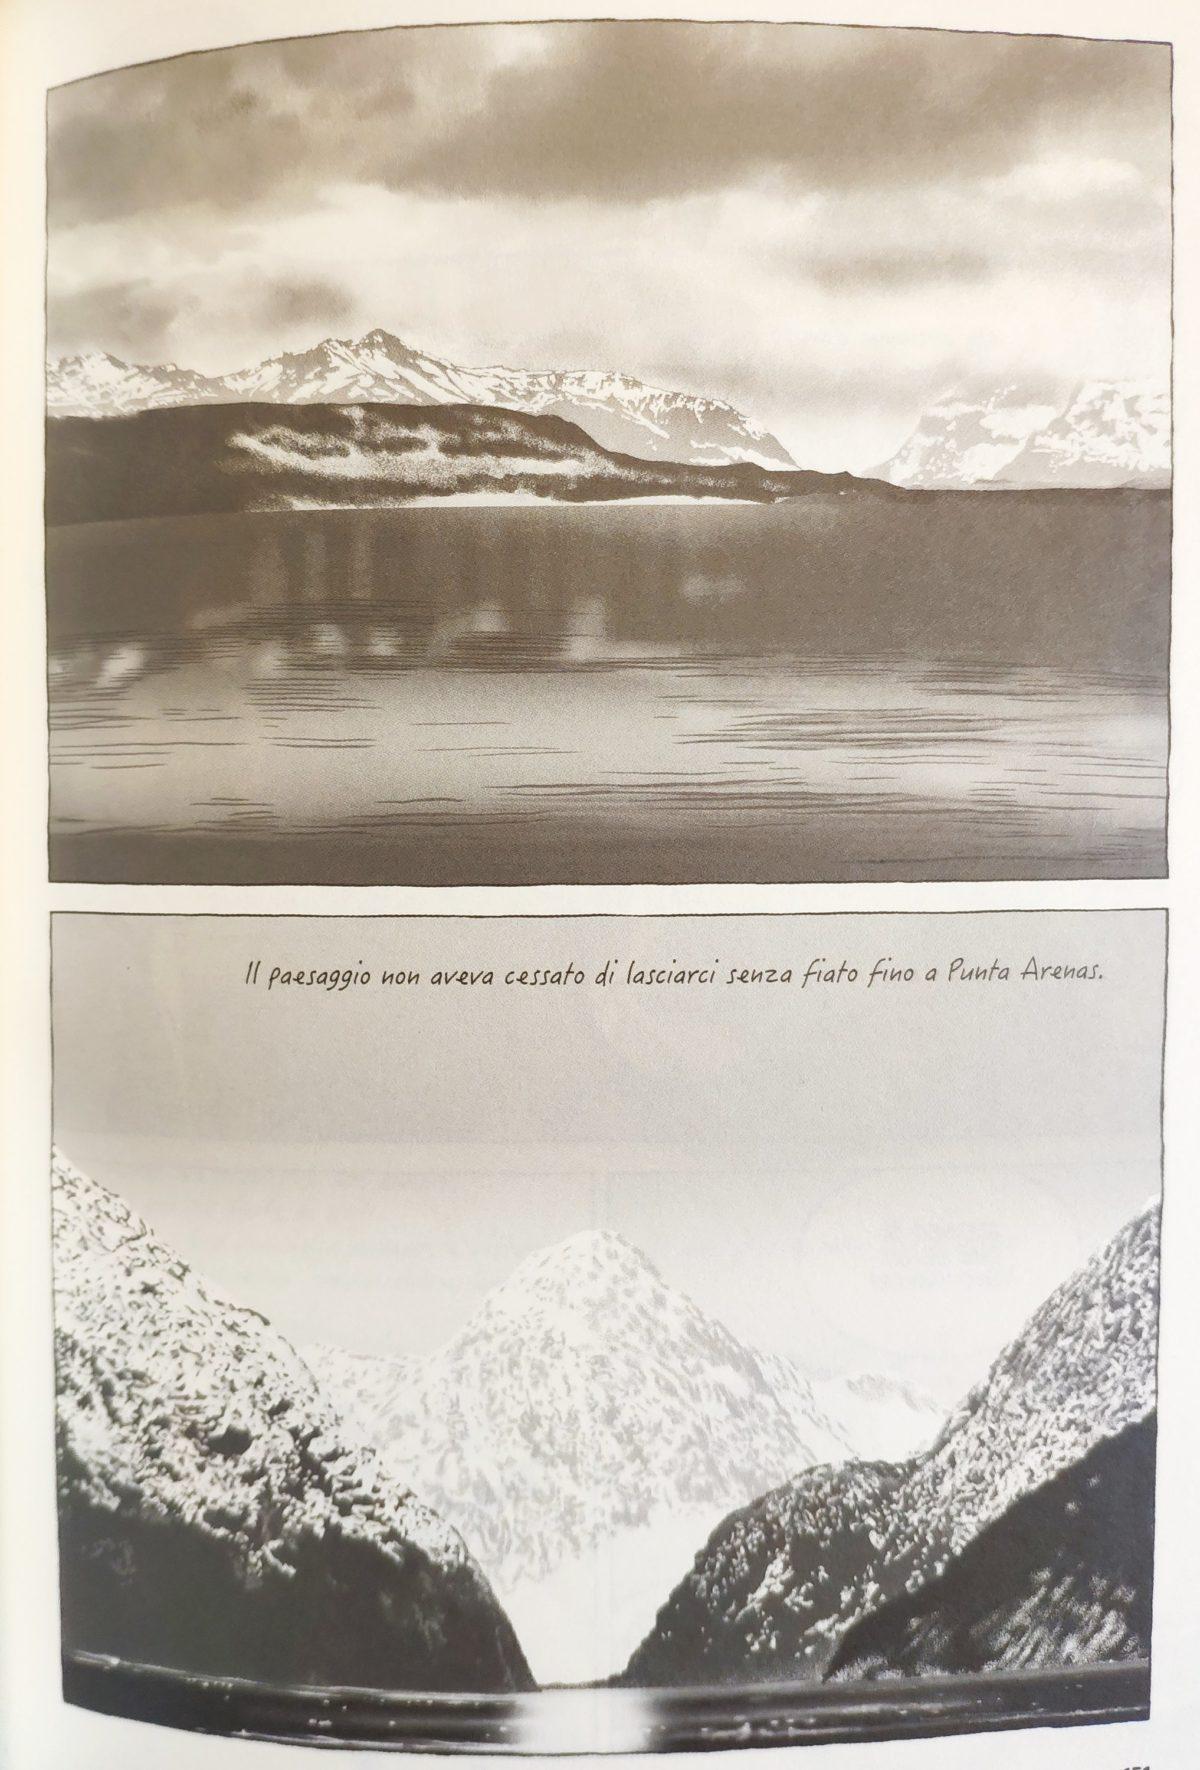 Mio caro fumetto... - Paesaggio mozzafiato cileno con mare e montagne innevate sullo sfondo, di là dove finisce la terra